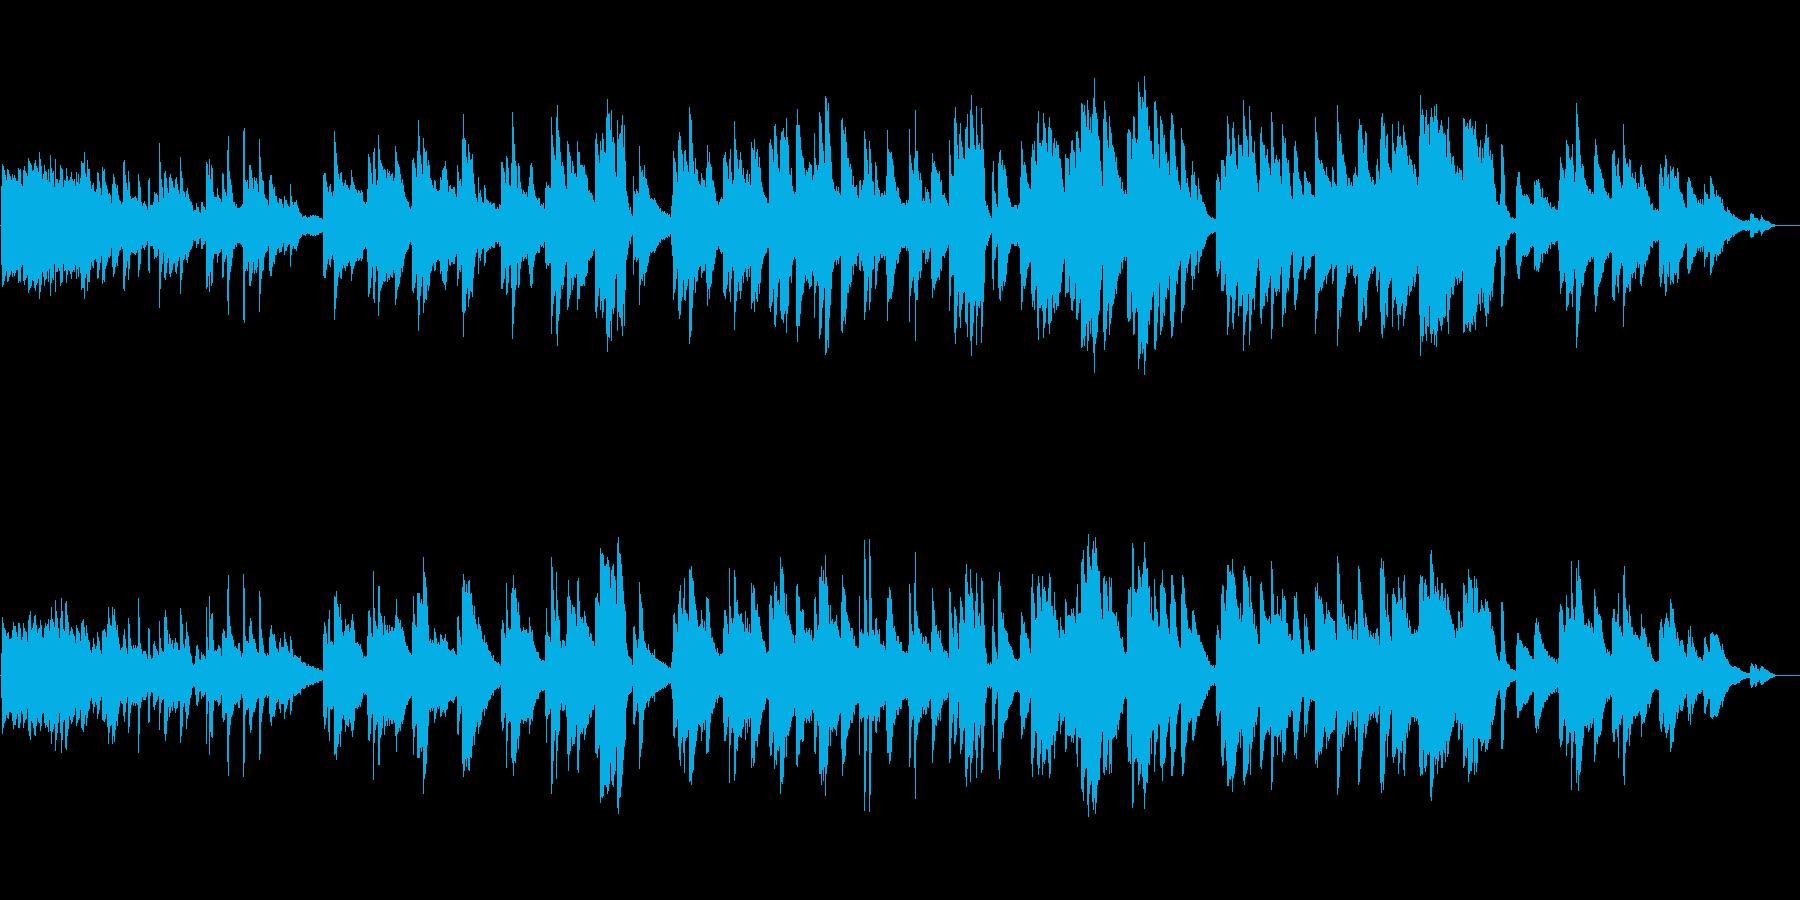 生ピアノ録音-森に迷い込んだようなピアノの再生済みの波形